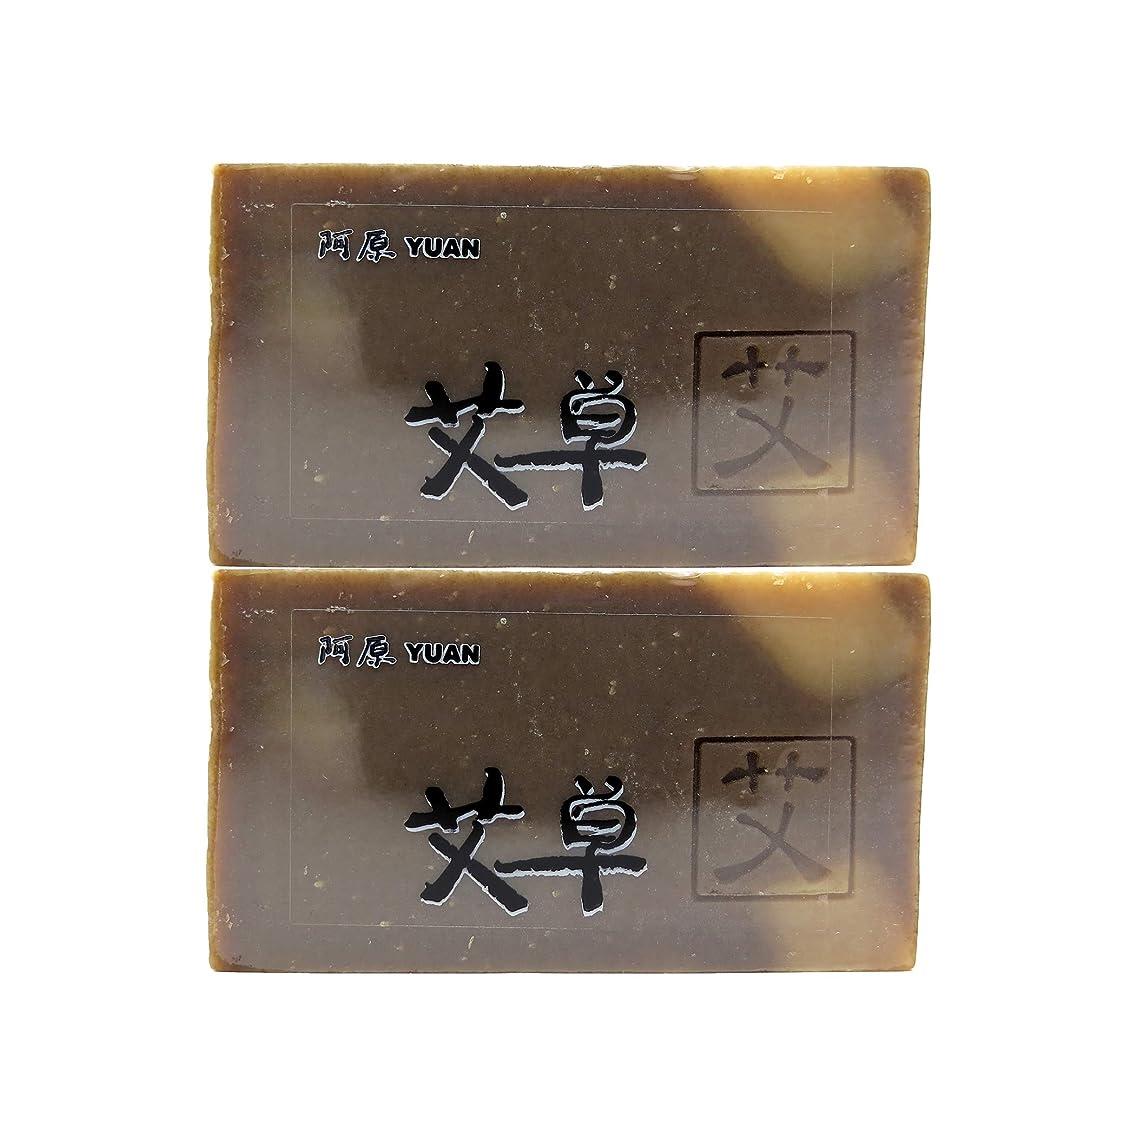 改修便益段階ユアン(YUAN) ヨモギソープ 100g (2個セット)